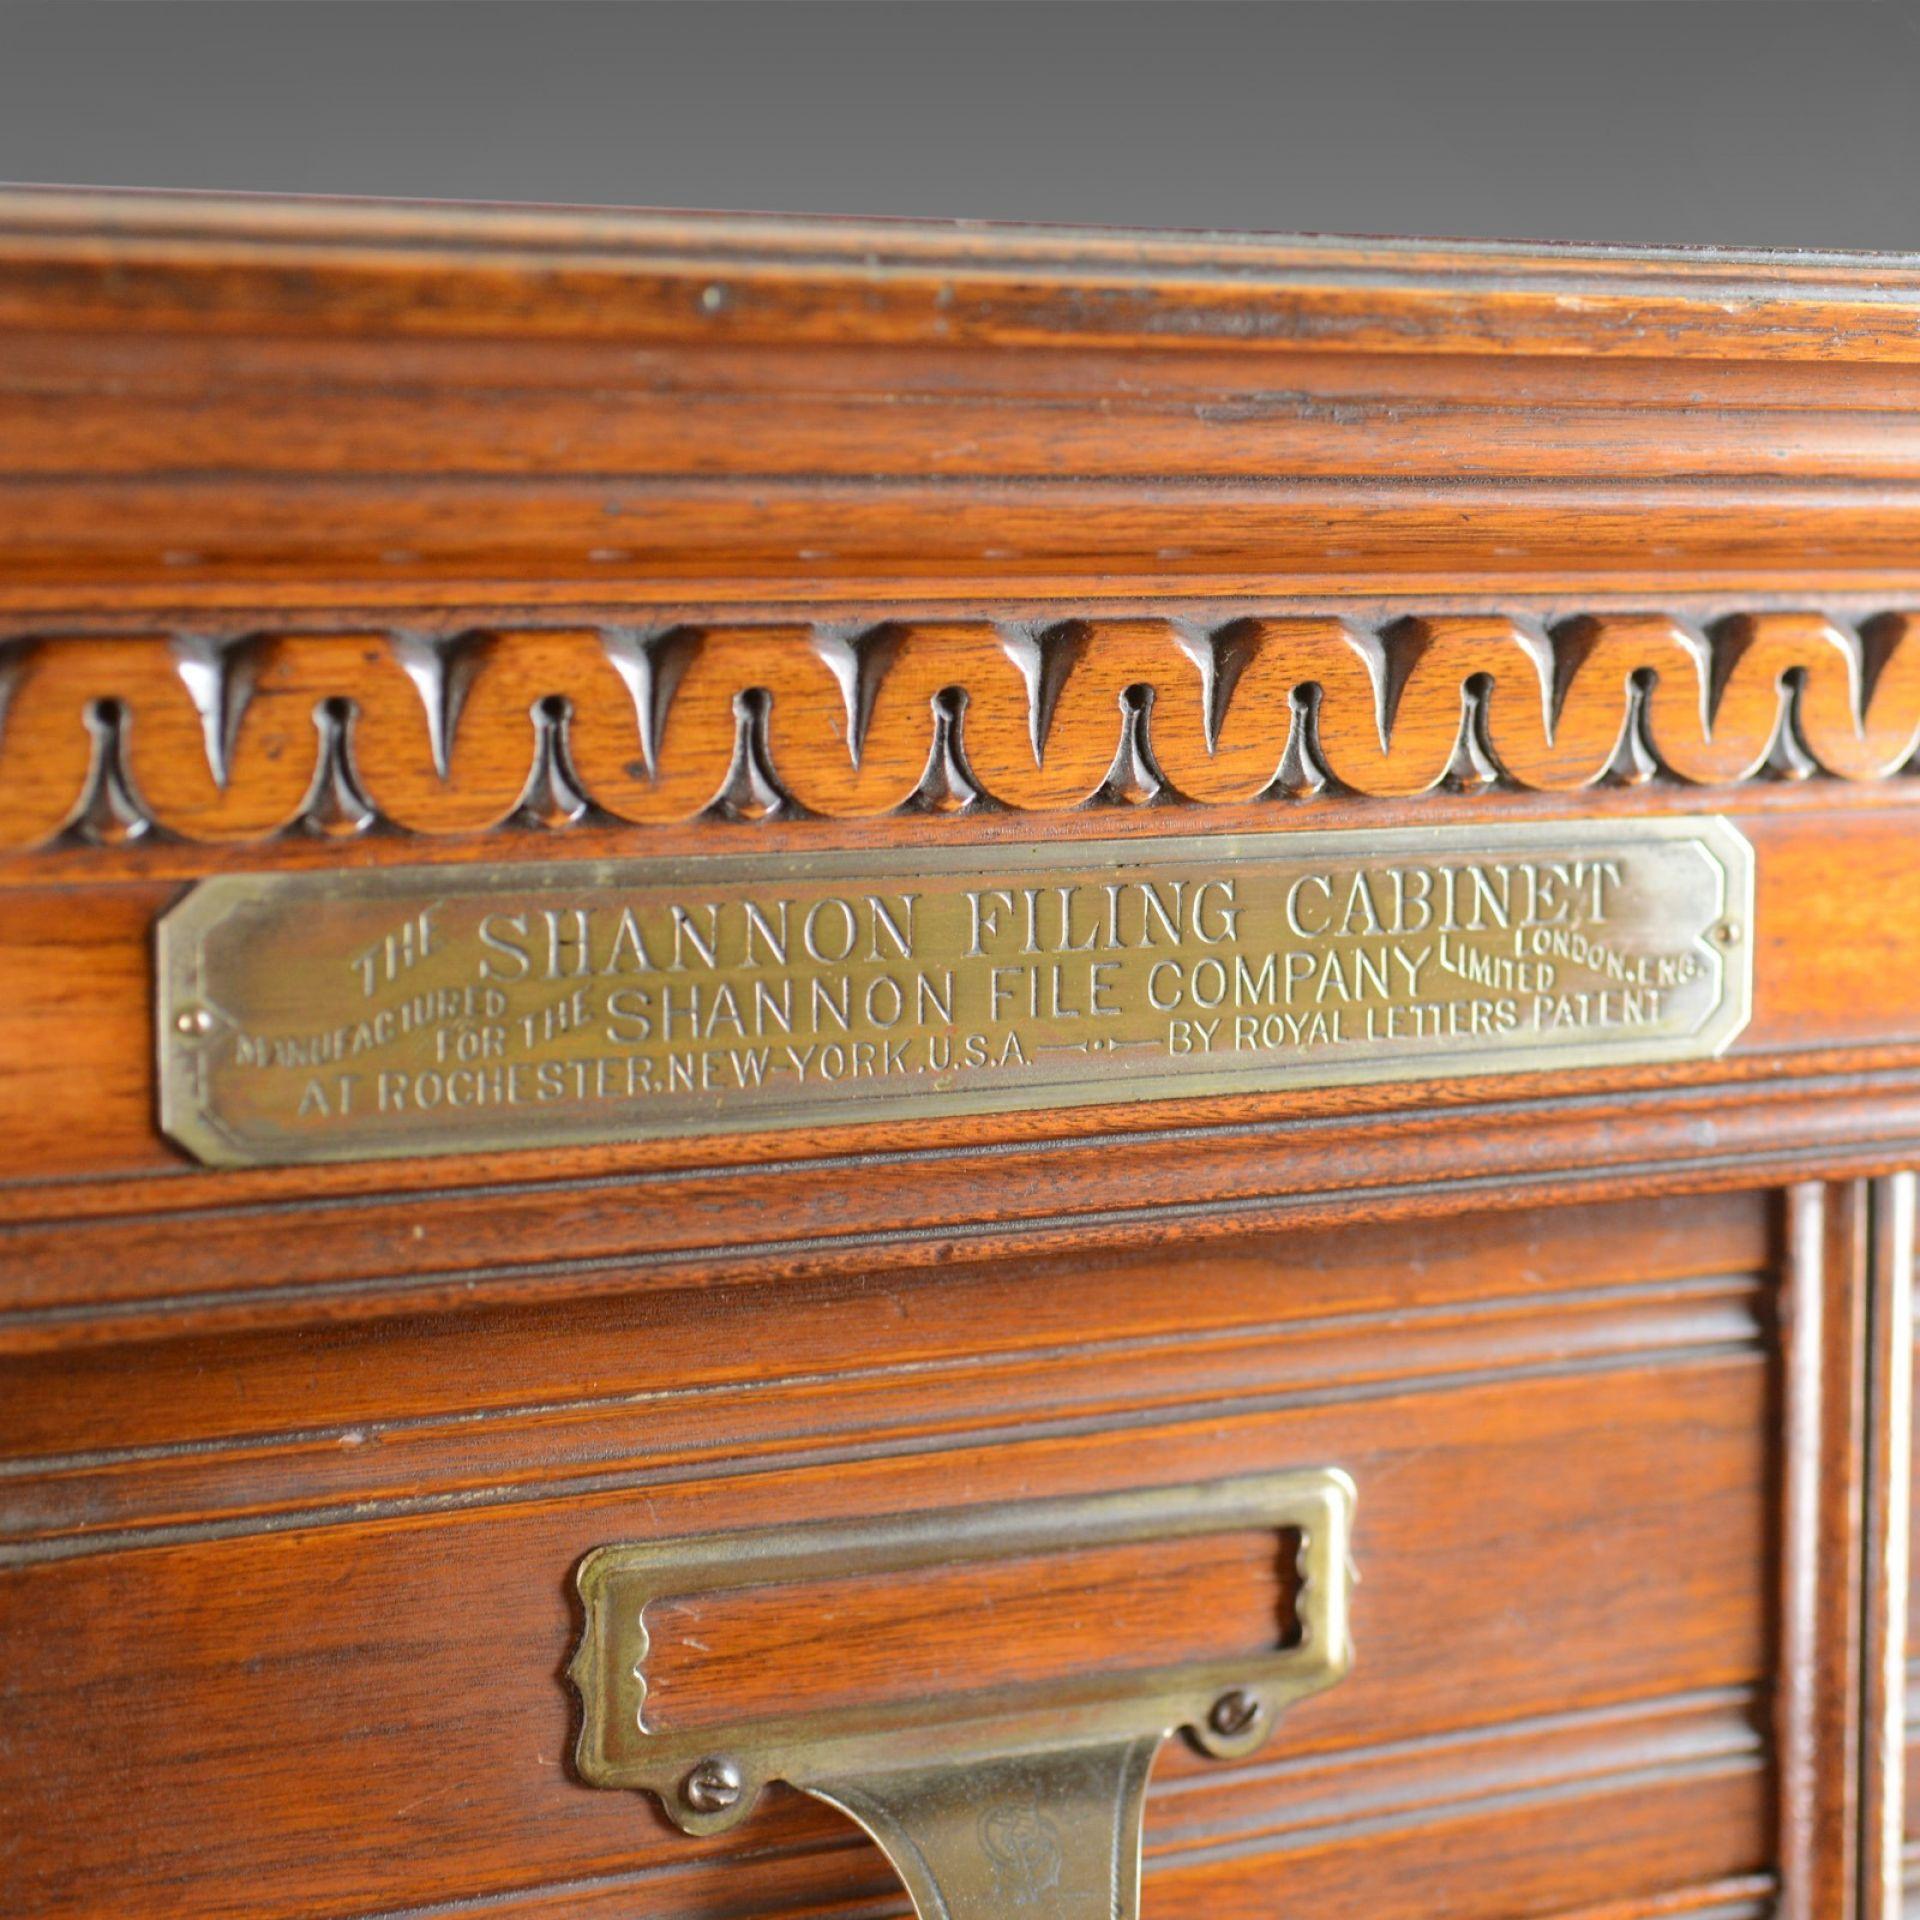 Large Antique Filing Cabinet, English, Edwardian, Walnut, Shannon File Co. c1910